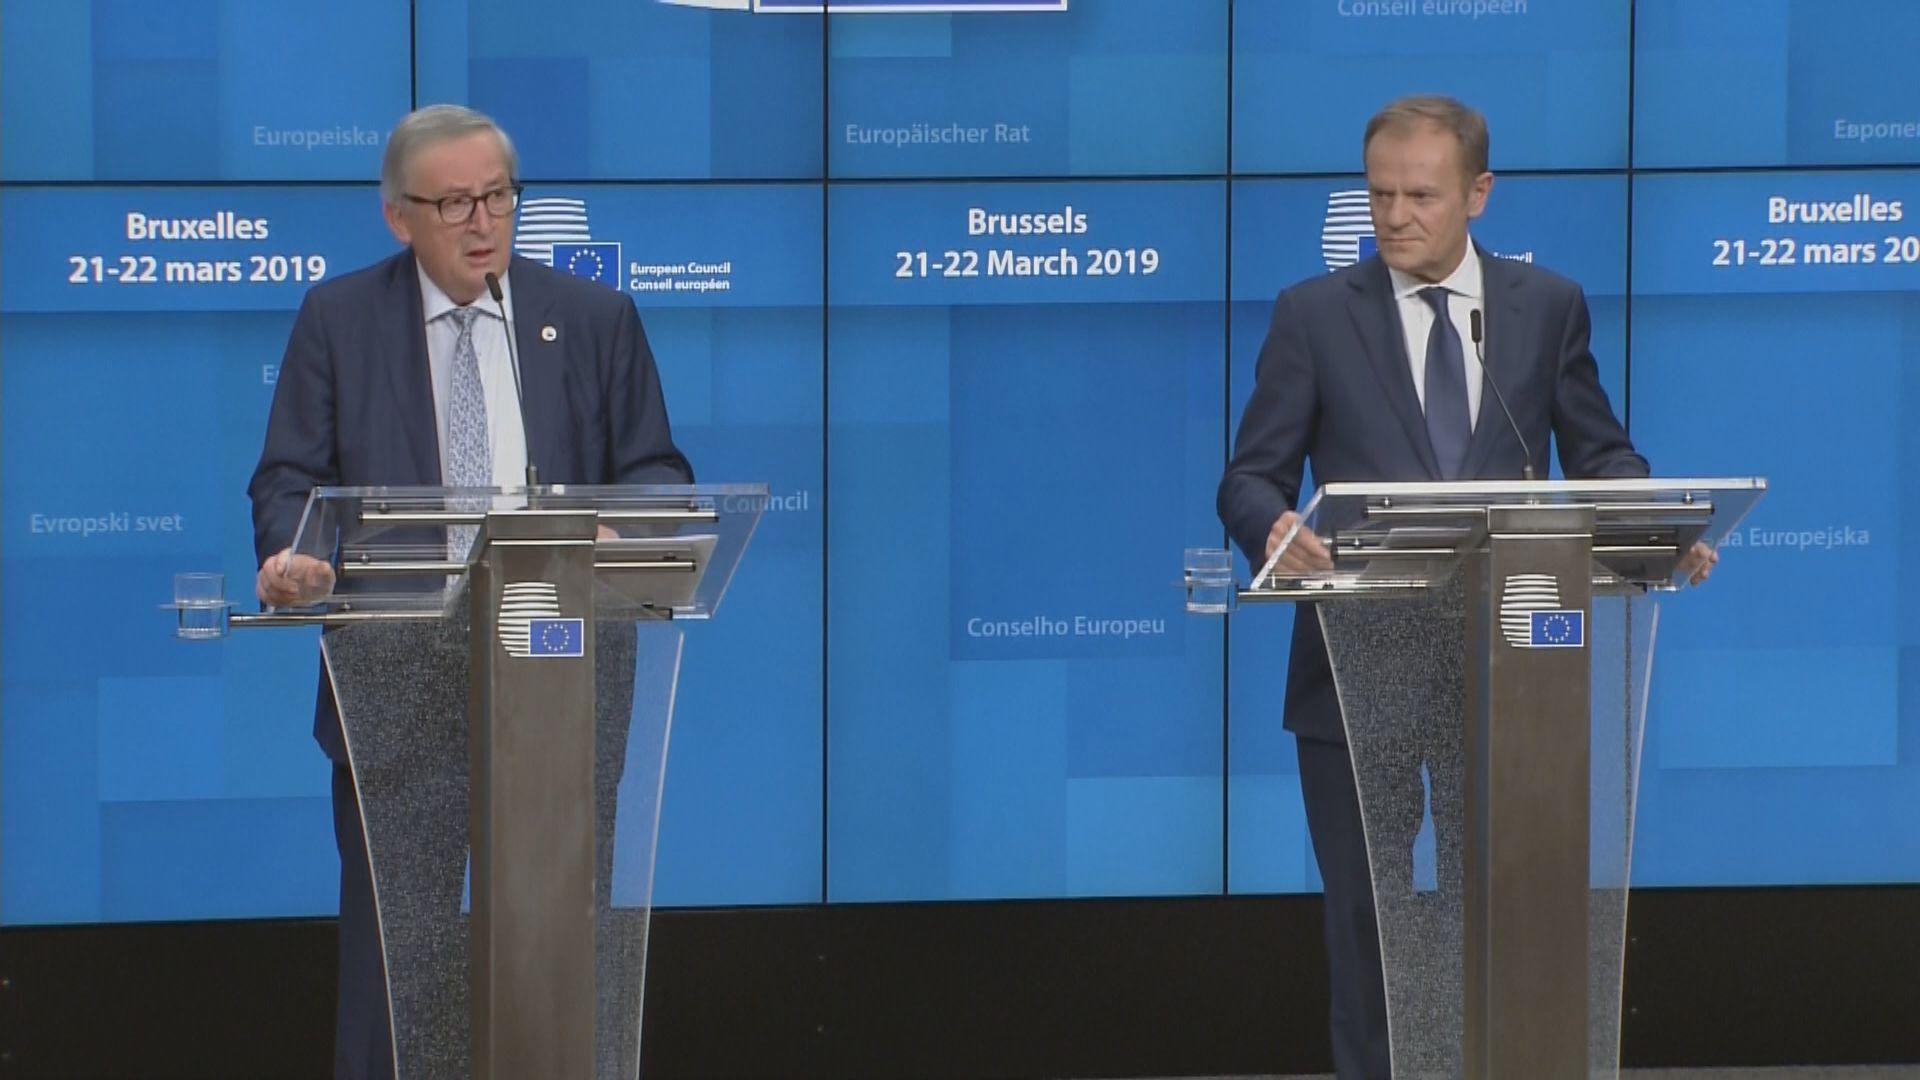 歐盟同意延長英國脫歐期限